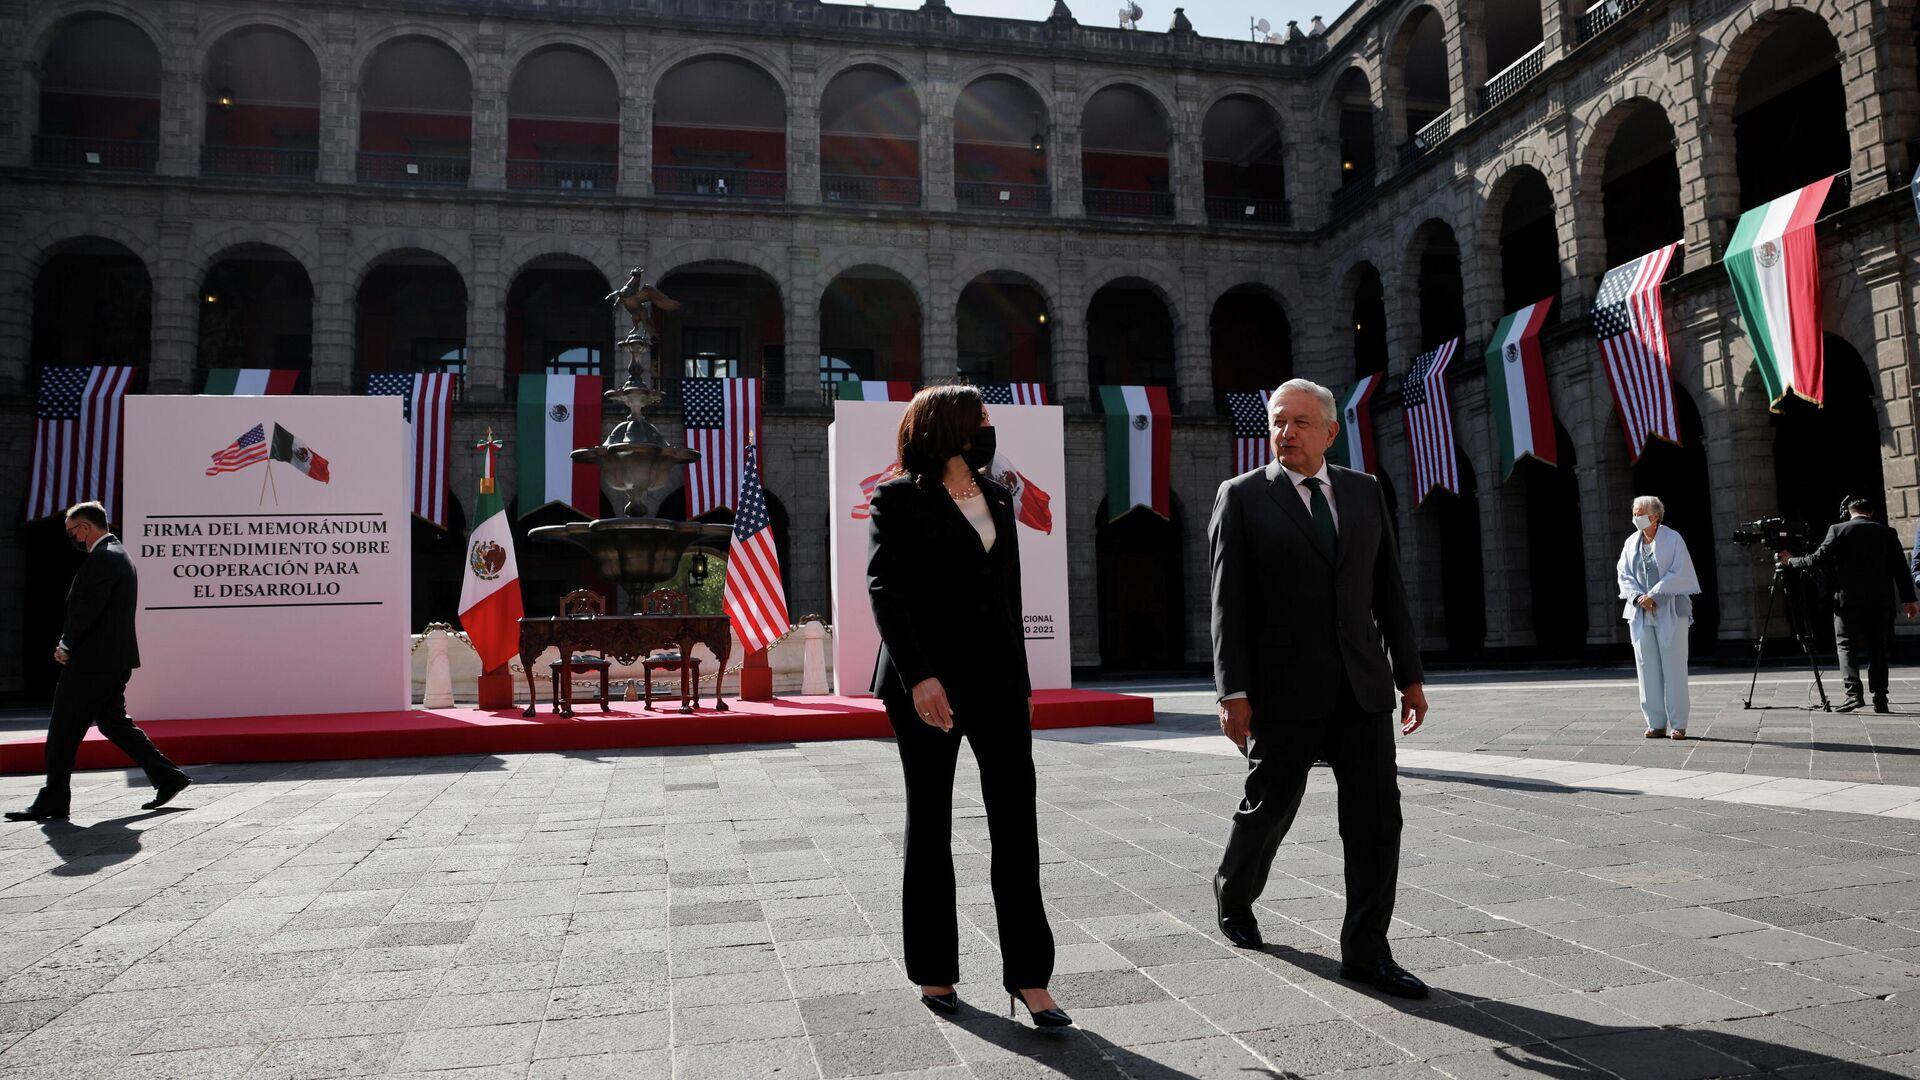 La vicepresidenta de EEUU, Kamala Harris, y el presidente de México, Andrés Manuel López Obrador - Sputnik Mundo, 1920, 08.06.2021